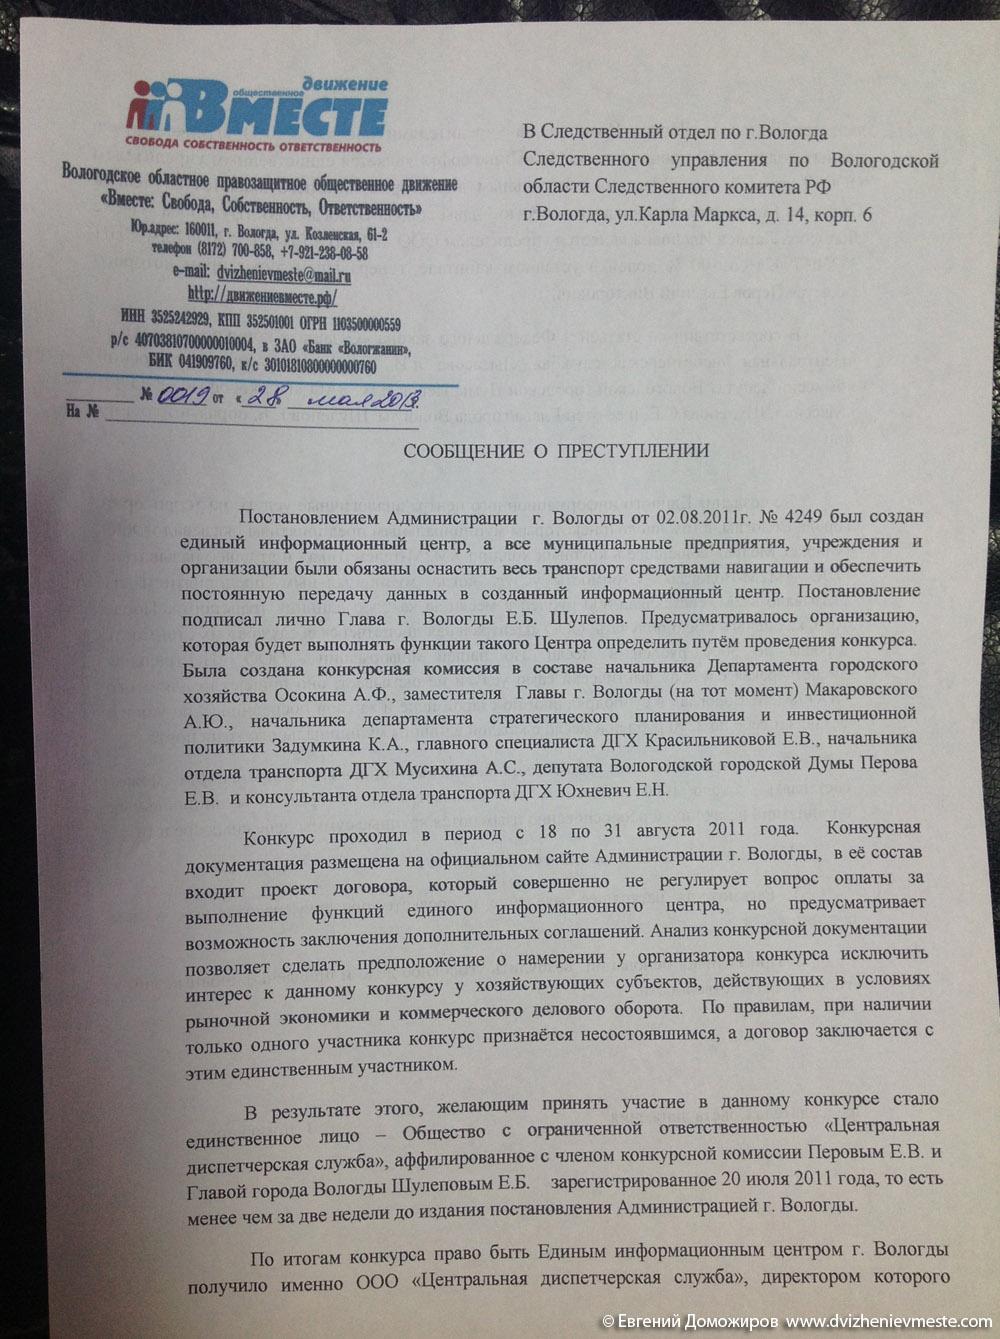 """Заявление в СК по ООО \\""""ЦДС\\"""""""